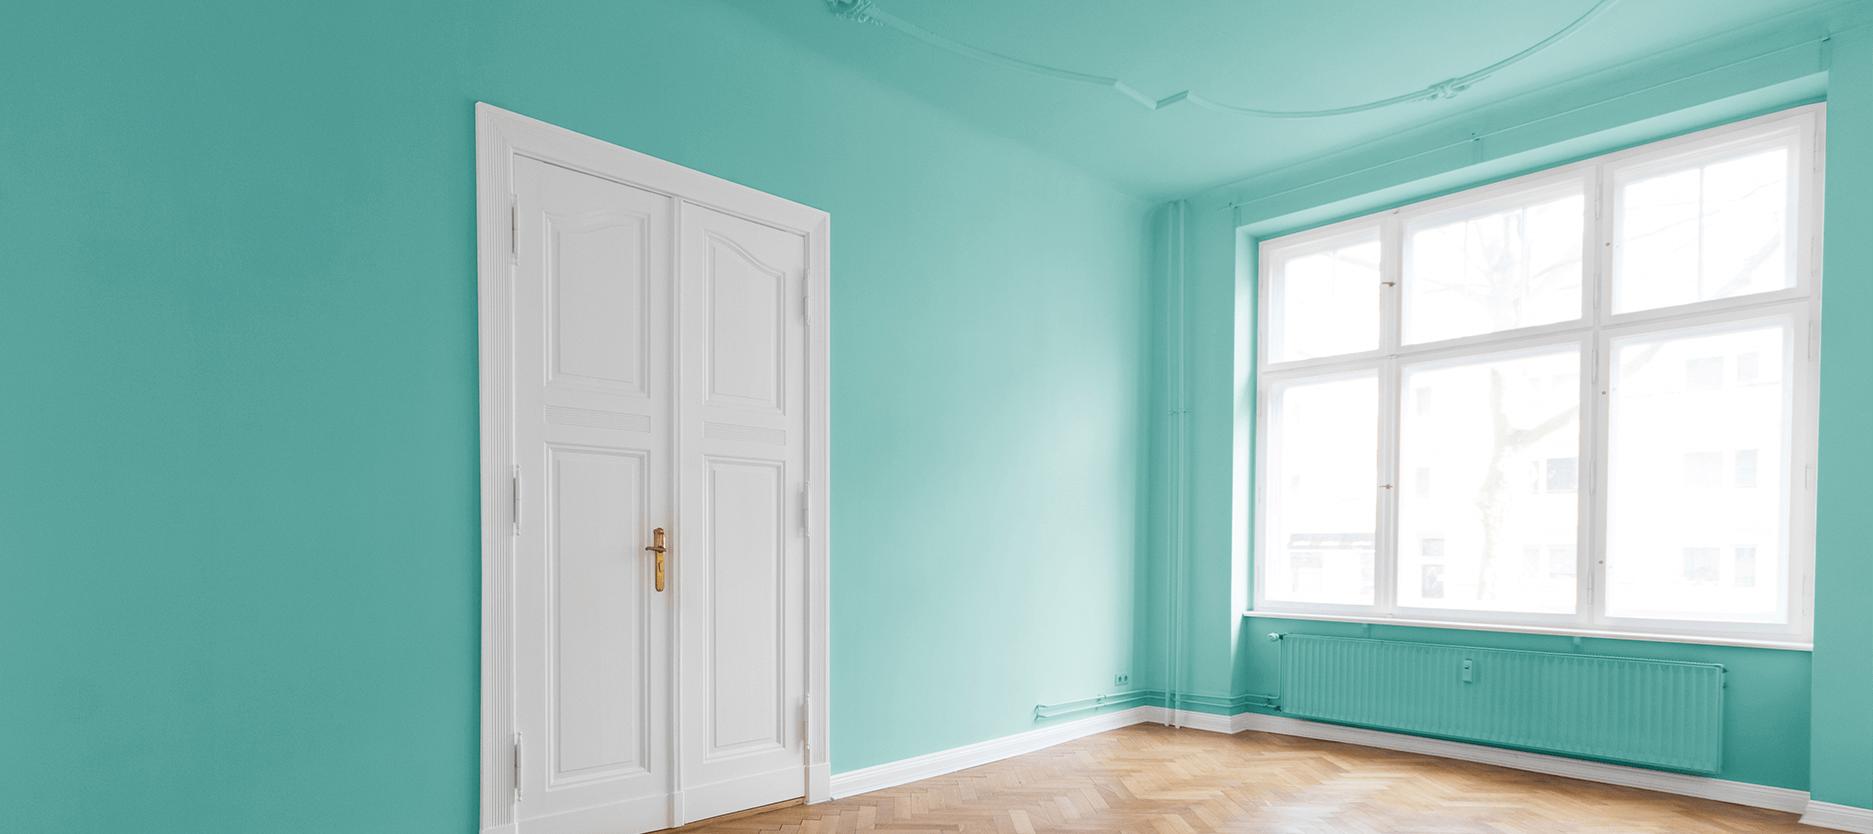 Aqua Room Color